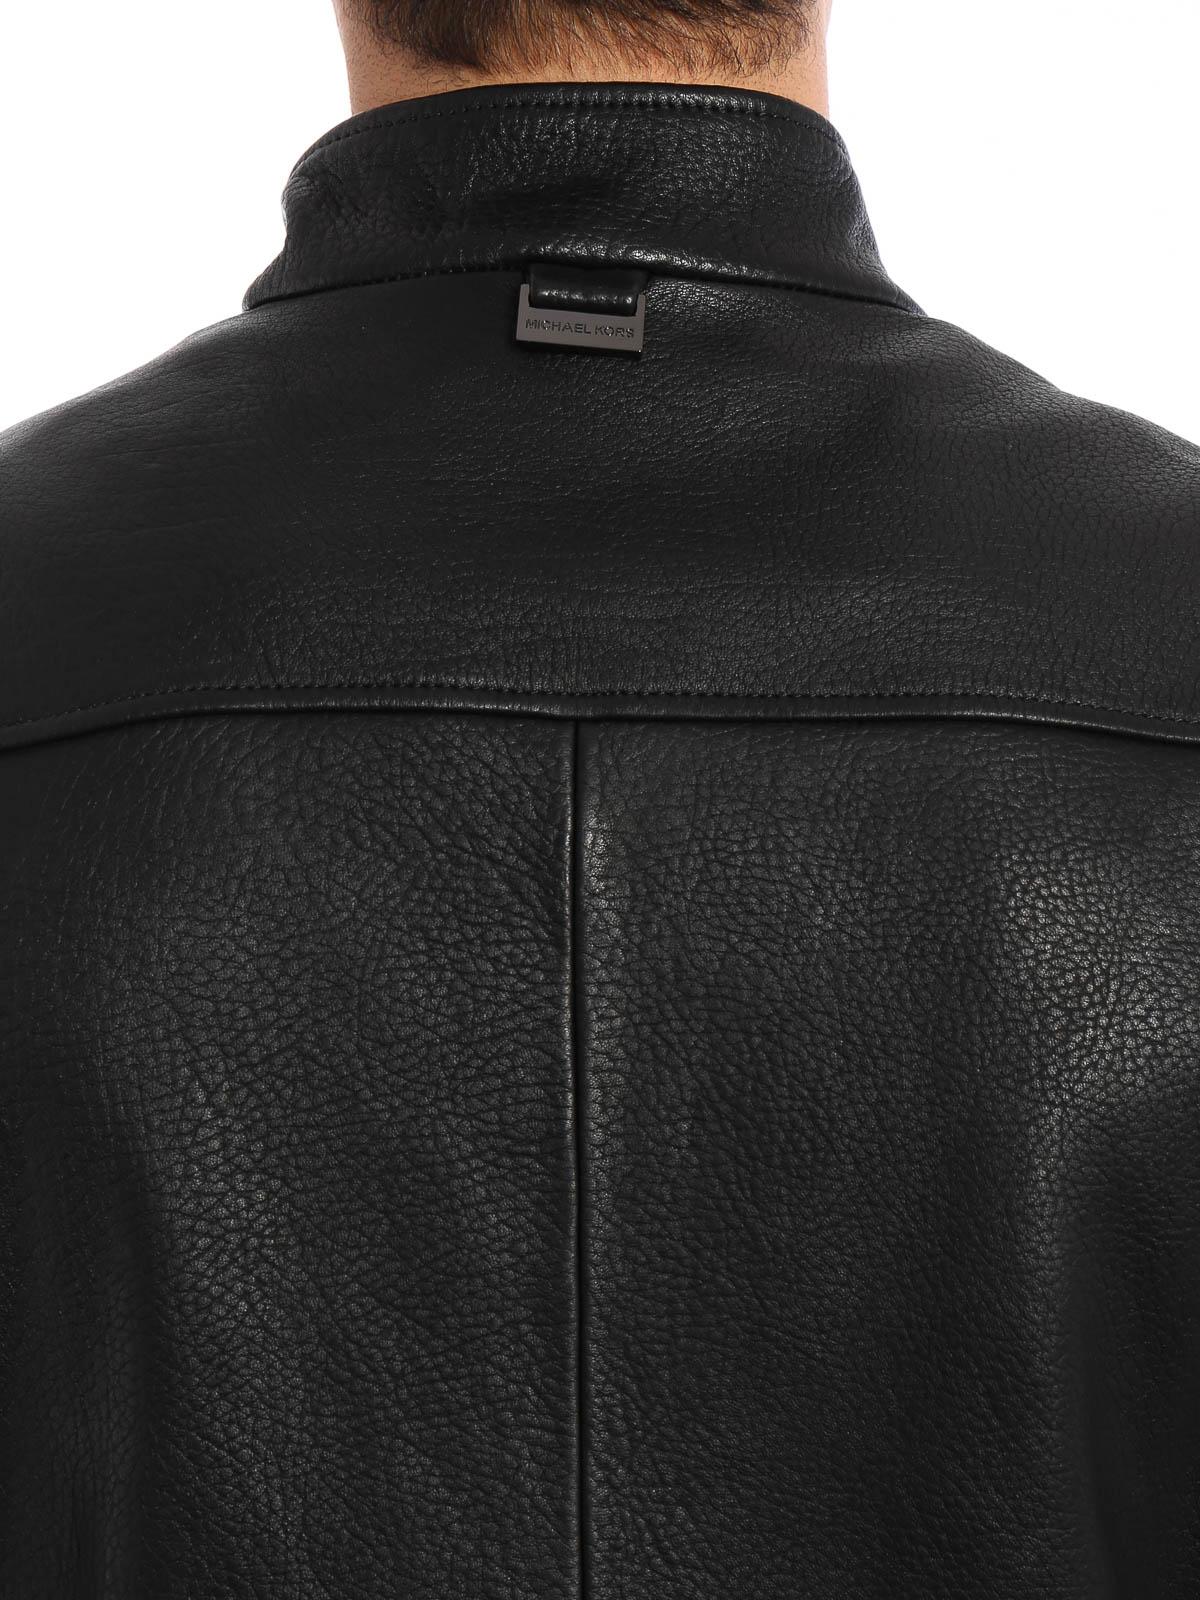 Michael Kors Manteau En Cuir Noir Pour Homme Vestes en